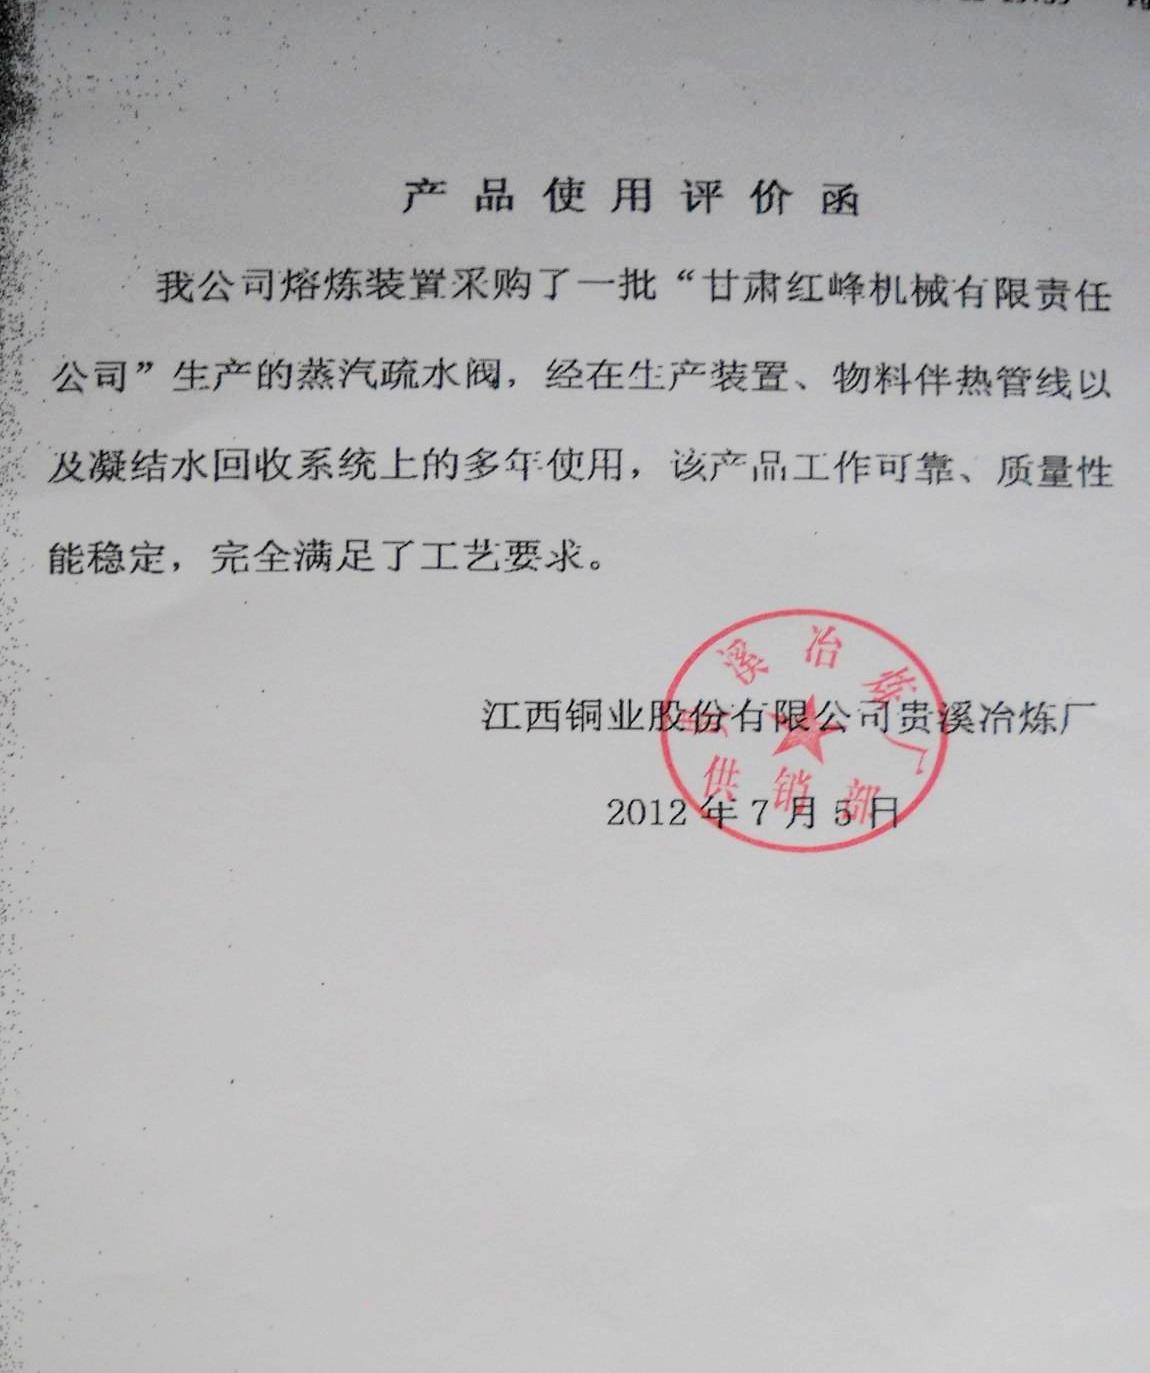 江西铜业贵溪冶炼厂反馈意见